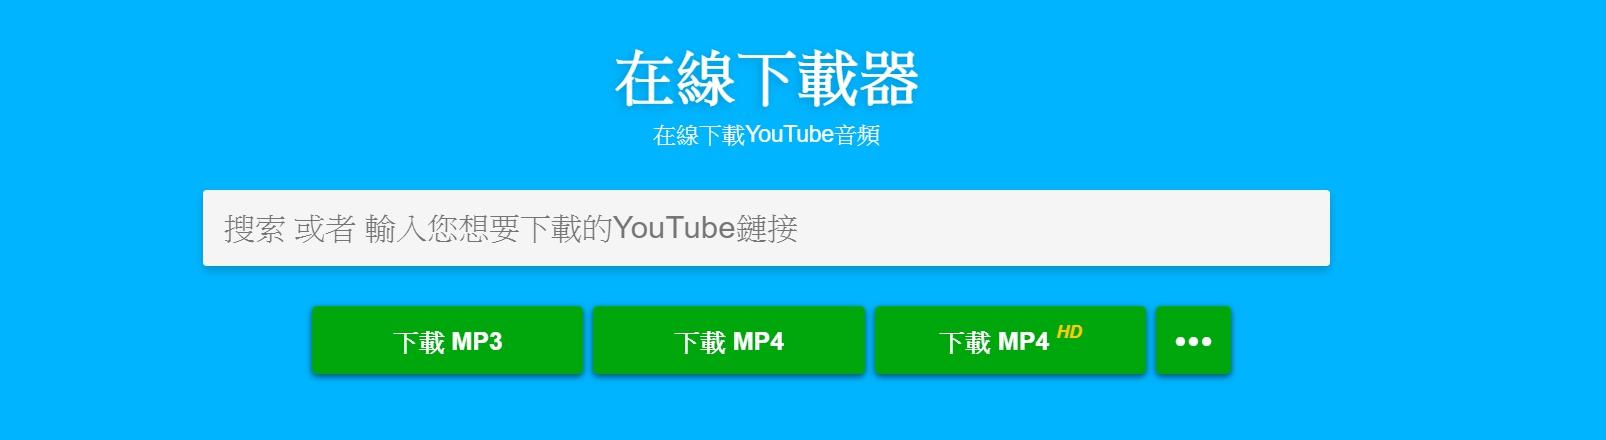 YouTubeTo 網頁畫面